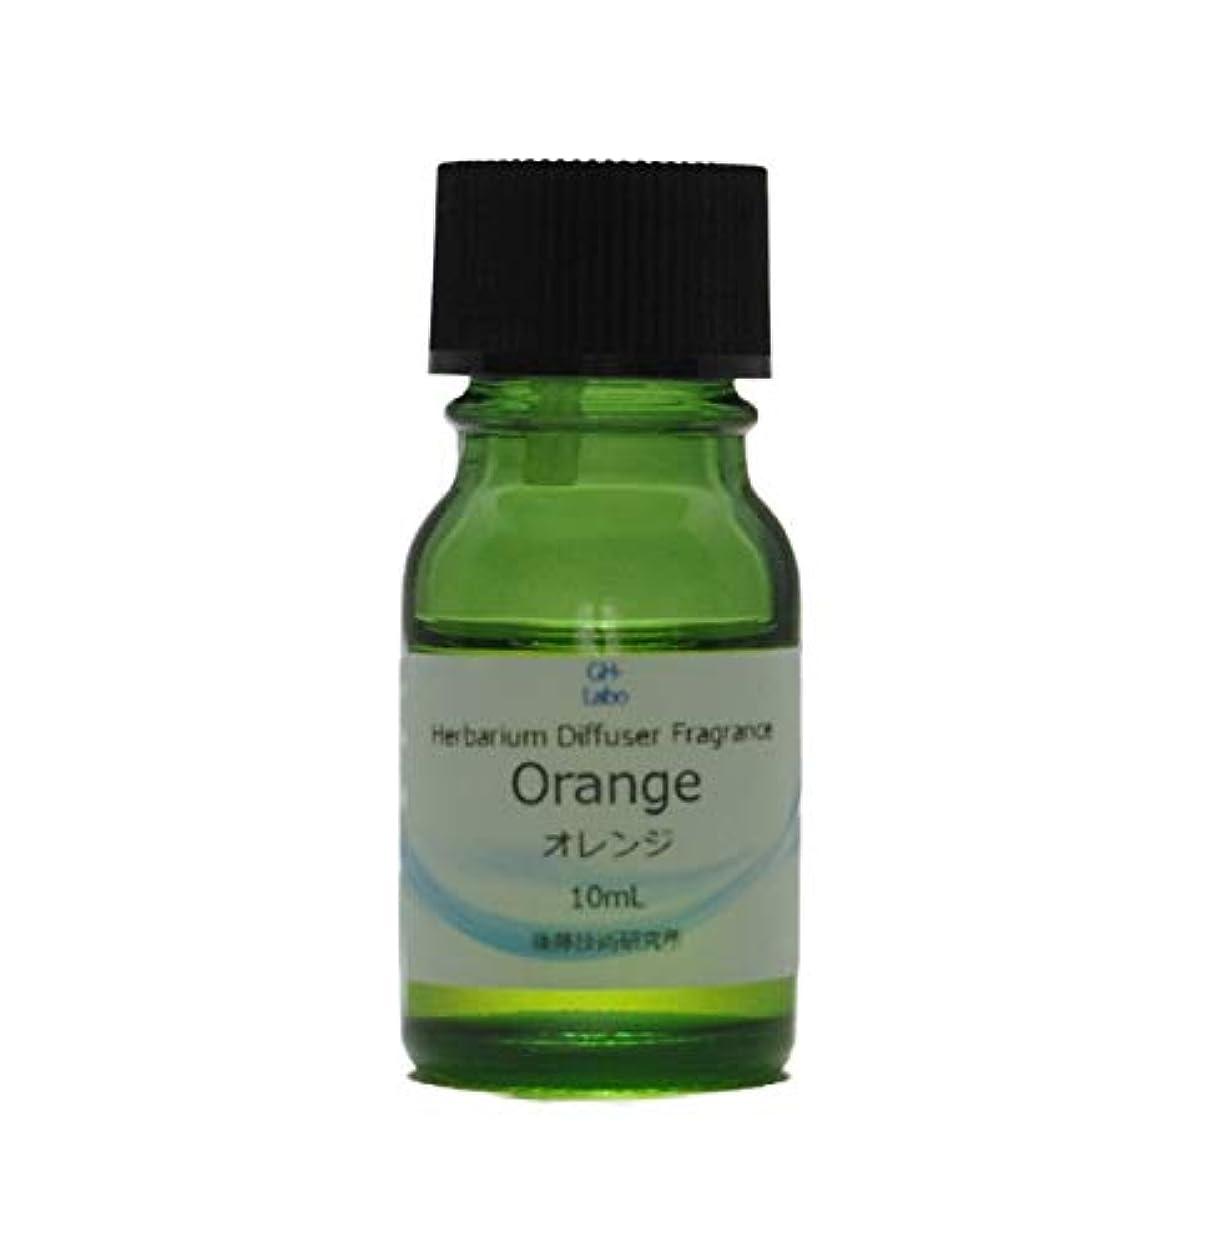 努力物足りない冊子オレンジ フレグランス 香料 ディフューザー ハーバリウム アロマオイル 手作り 化粧品